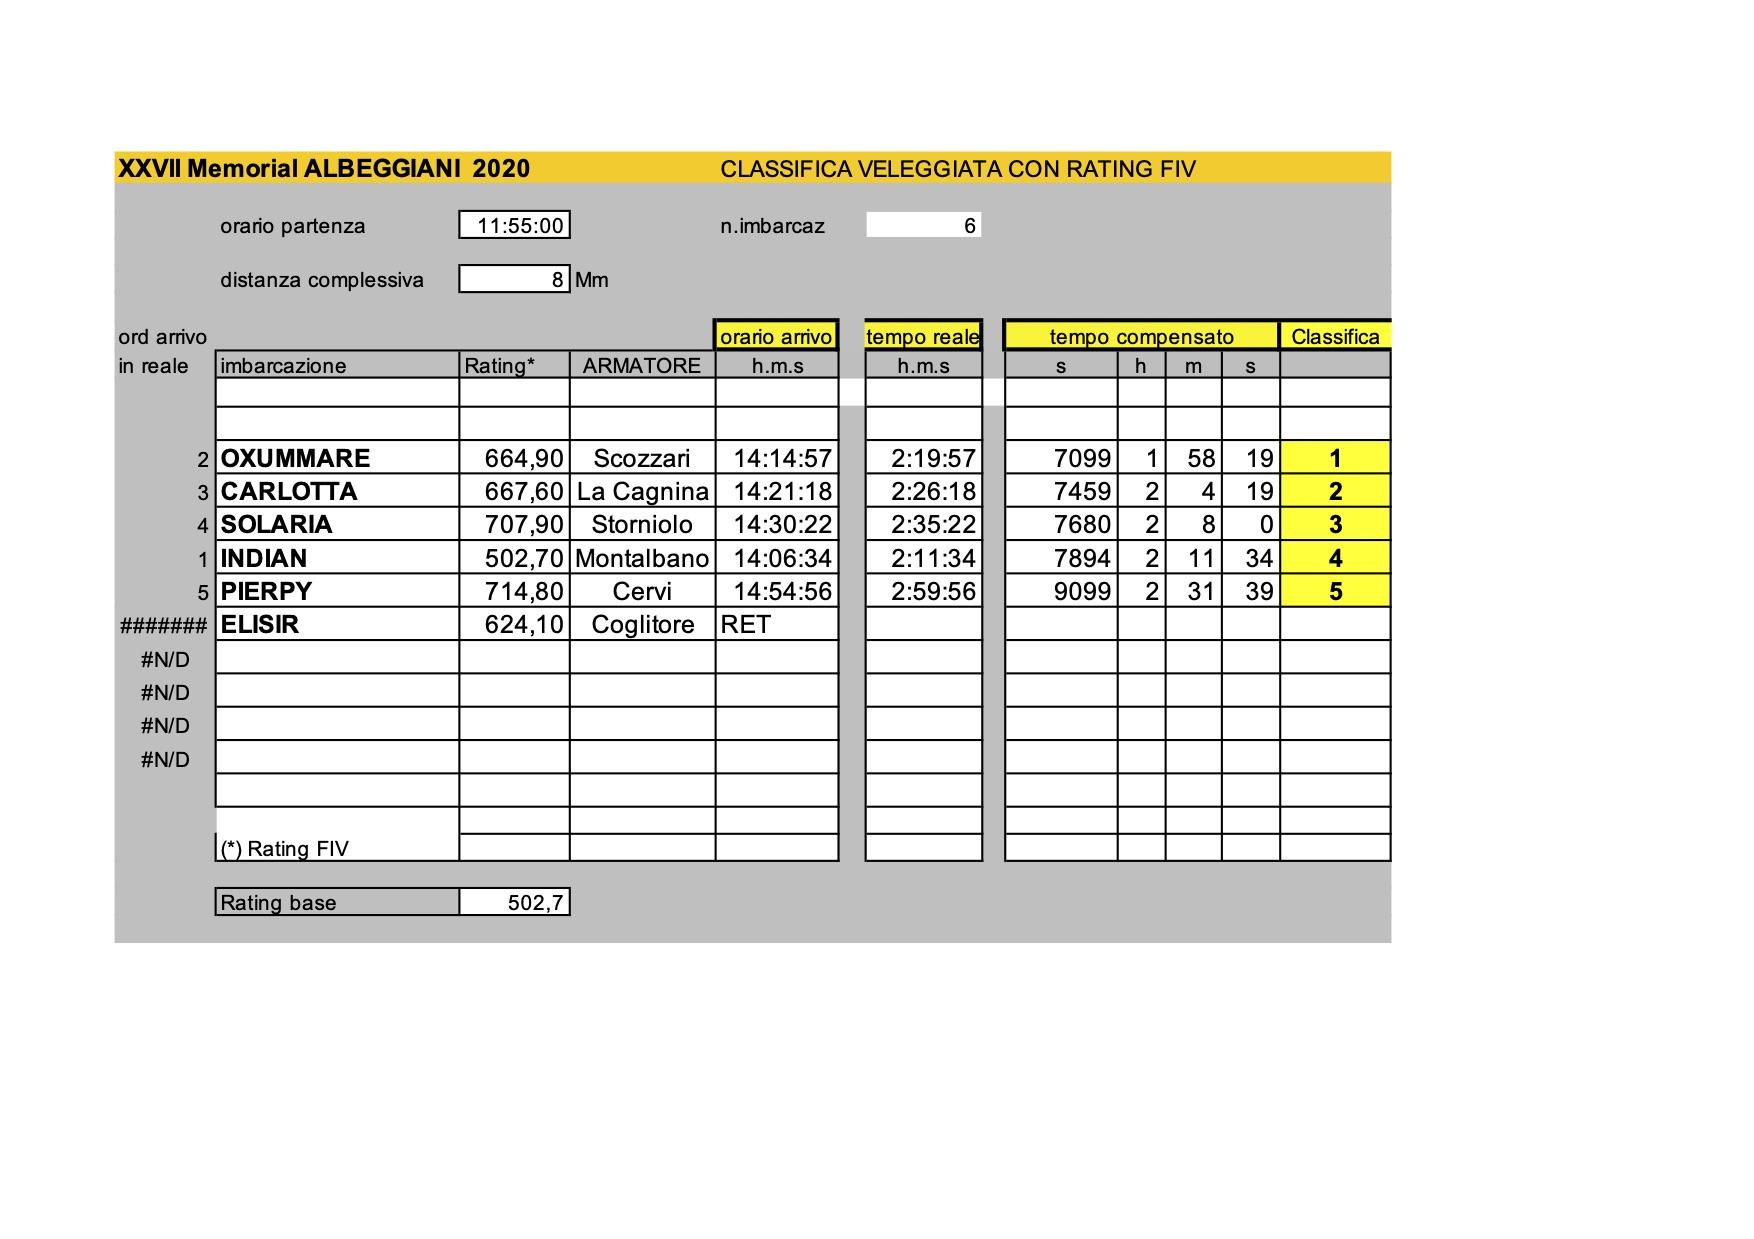 Classifiche_Albeggiani2020FIV.xls - Modalità compatibilità